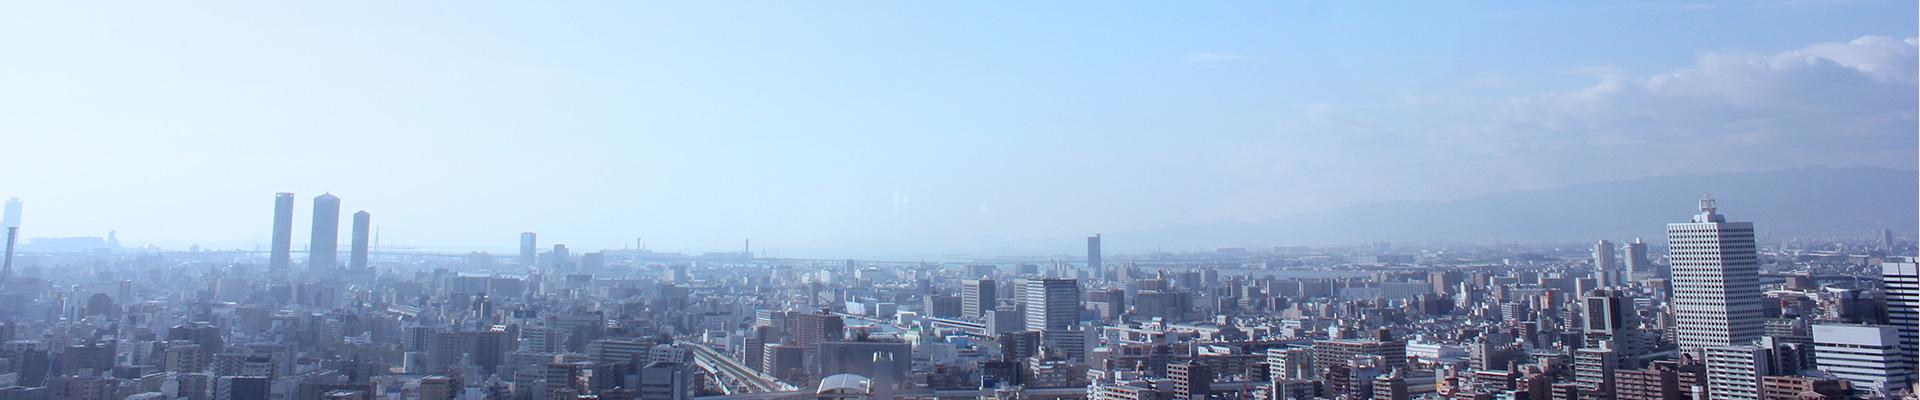 建物に関するお悩み・ご相談はお任せください。戸建て住宅やマンションのリフォーム・外壁改修は お任せ下さい。東京・札幌を中心にマンション・商業施設・戸建住宅などの増改築・外壁改修・リフォーム・メンテナンスを行ってます